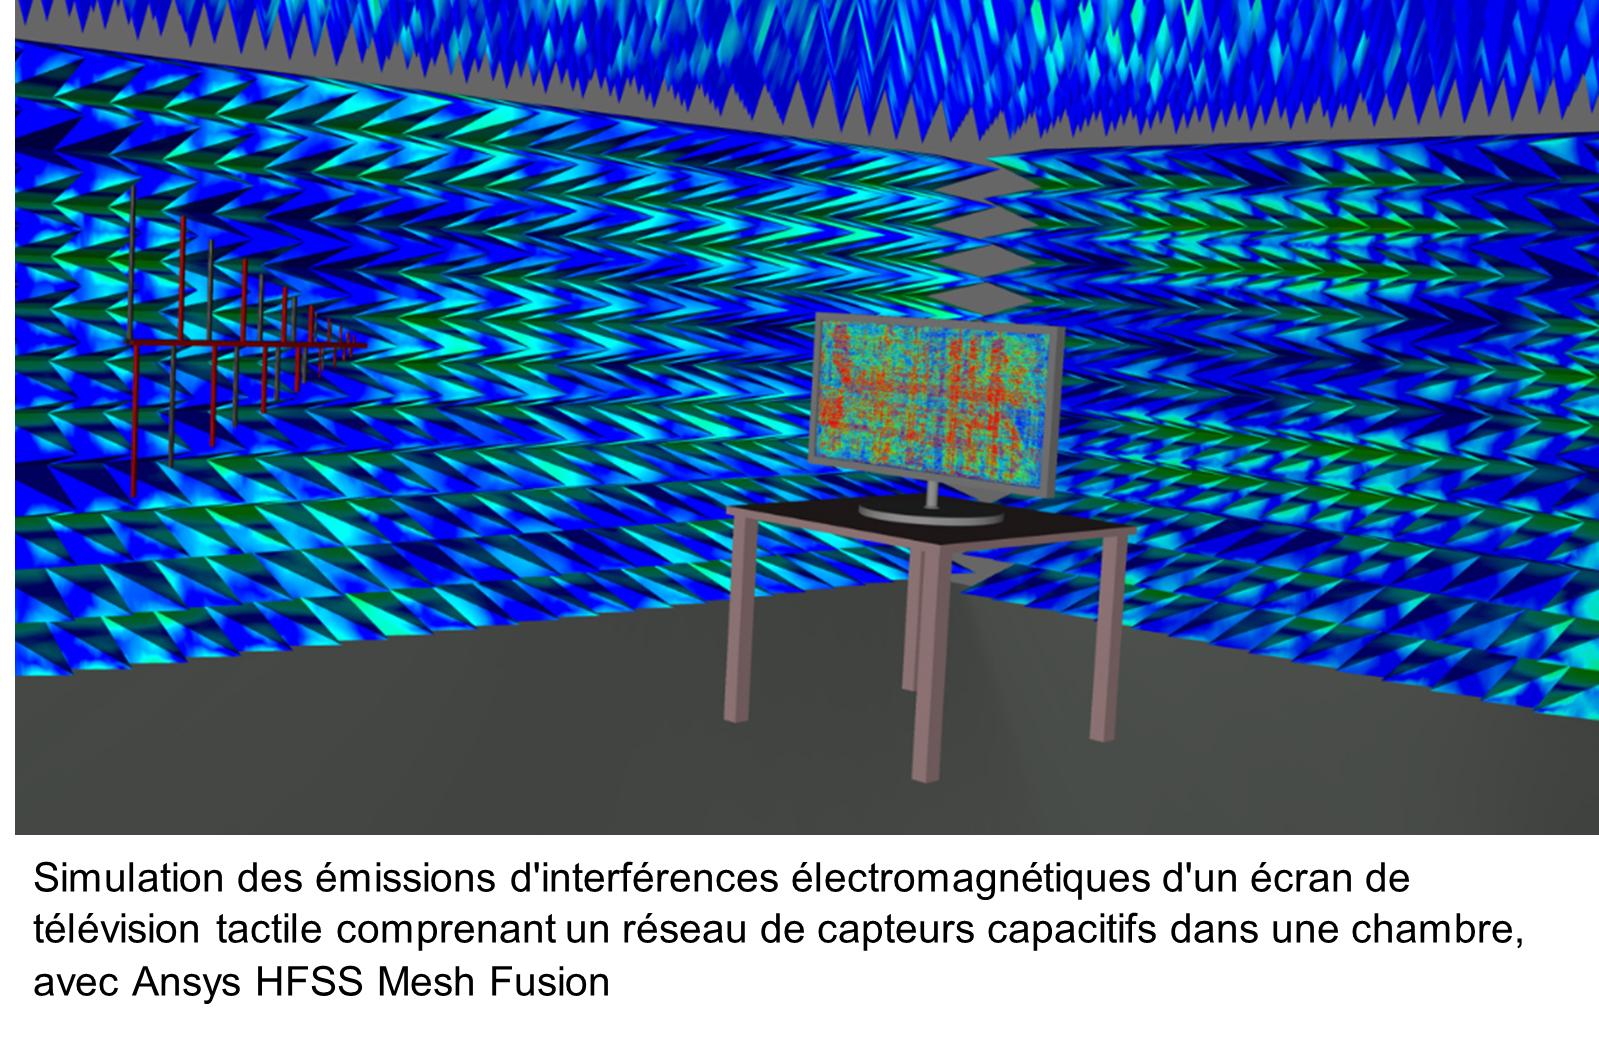 Ansys lance HFSS Mesh Fusion et réinvente le développement de produits en permettant la simulation de systèmes complets